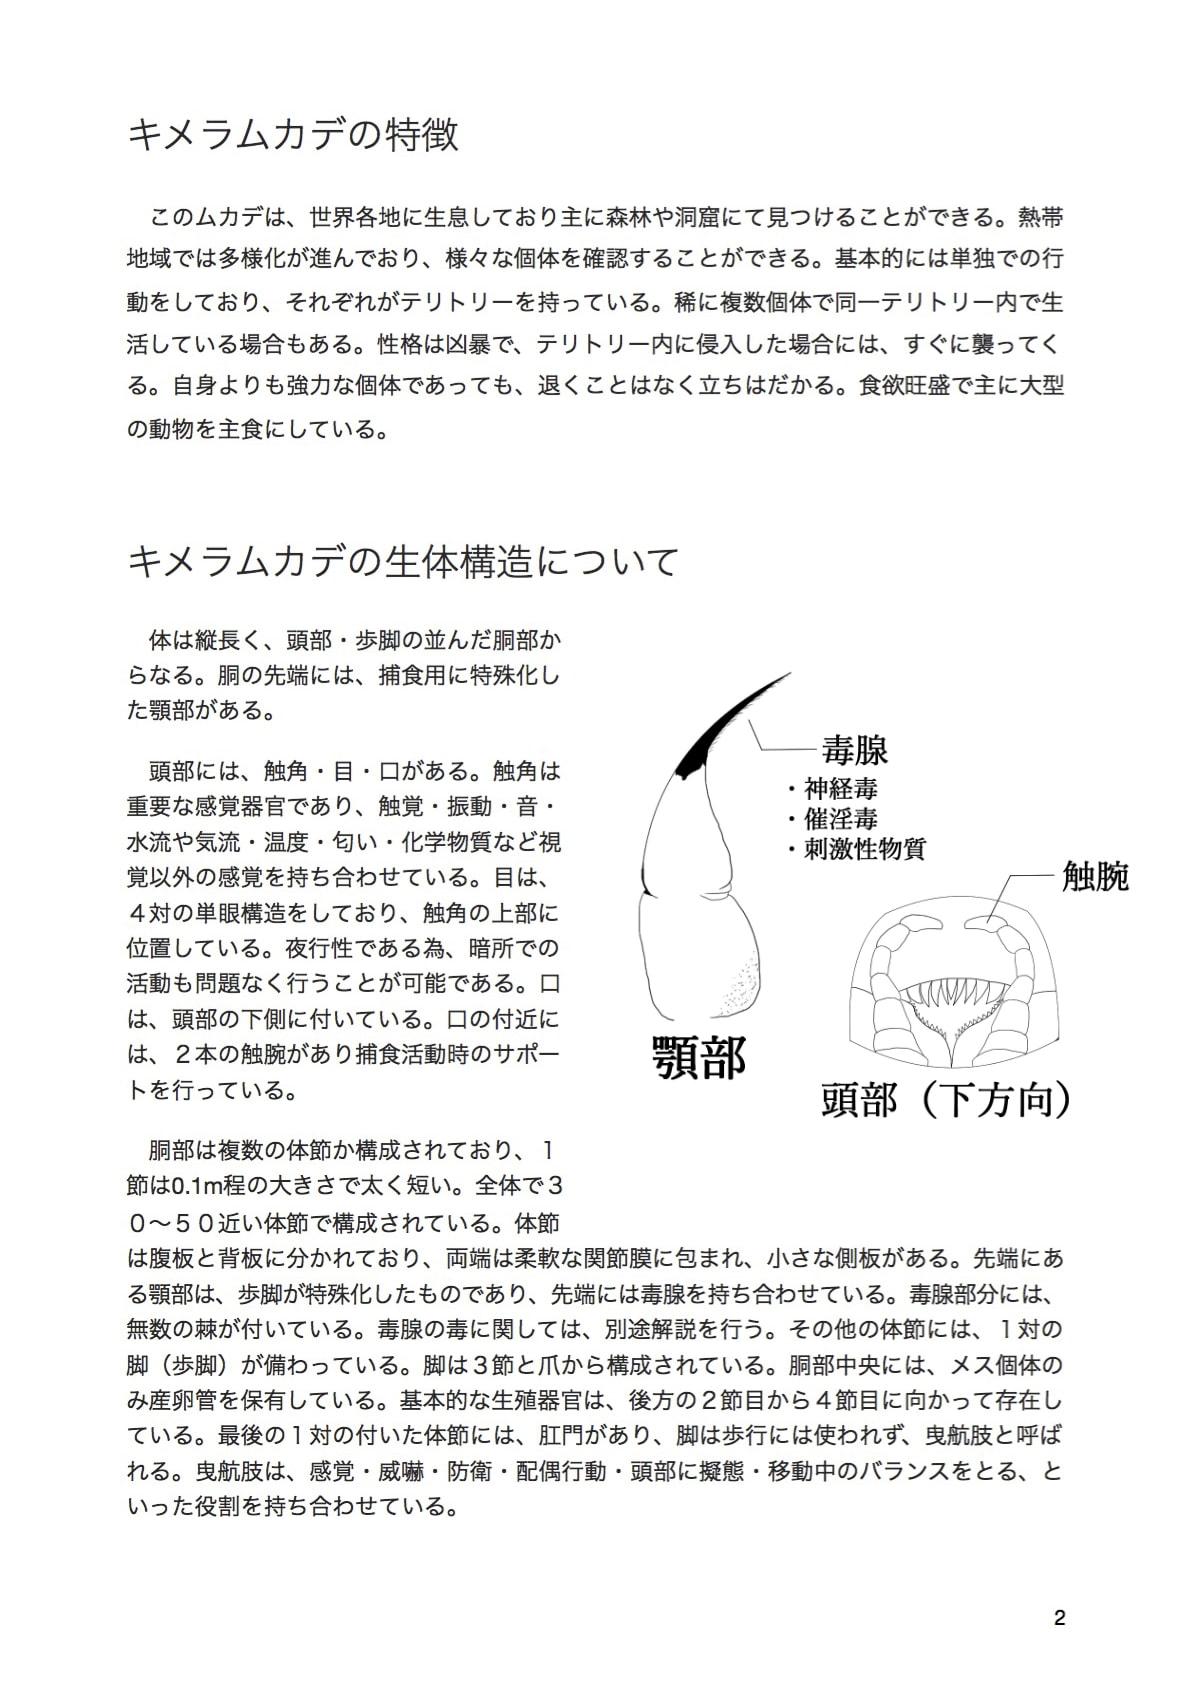 キメラムカデ研究レポート